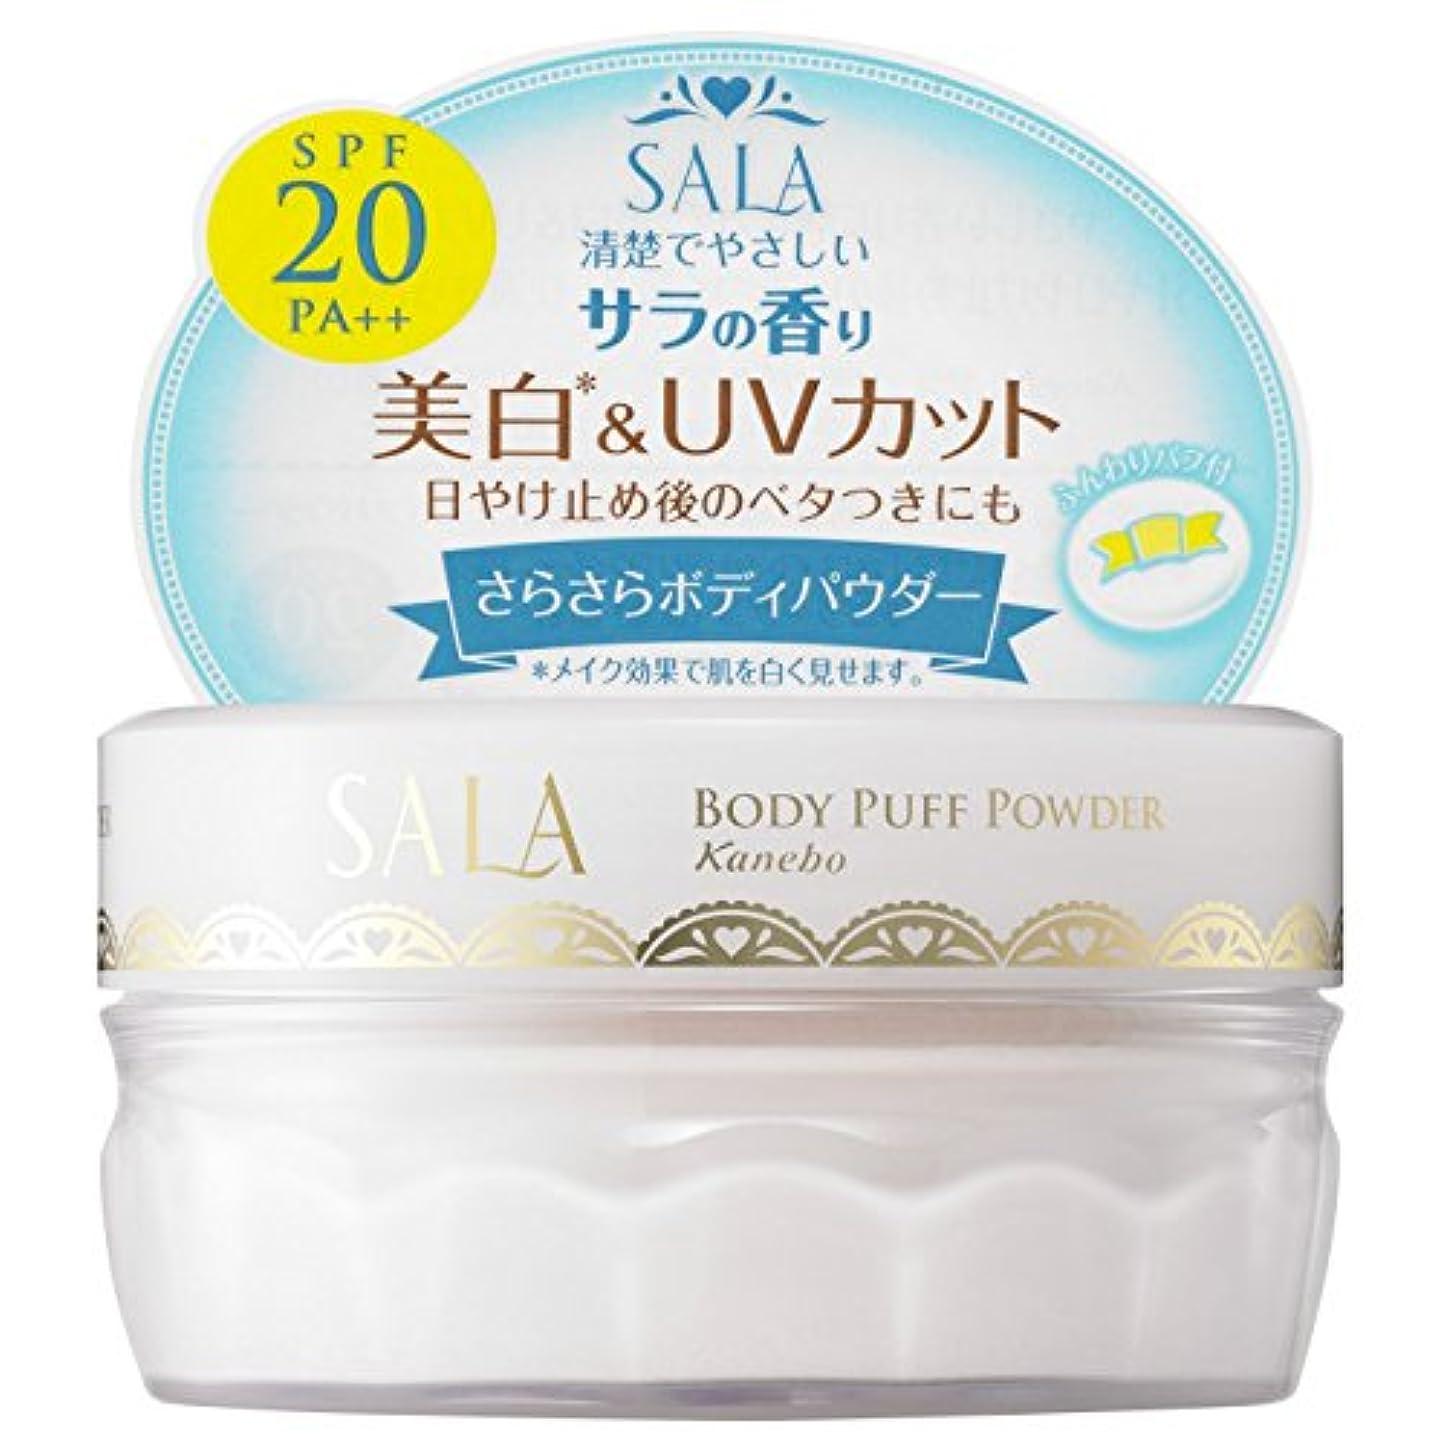 広告究極のネズミサラ ボディパフパウダー UV サラの香り